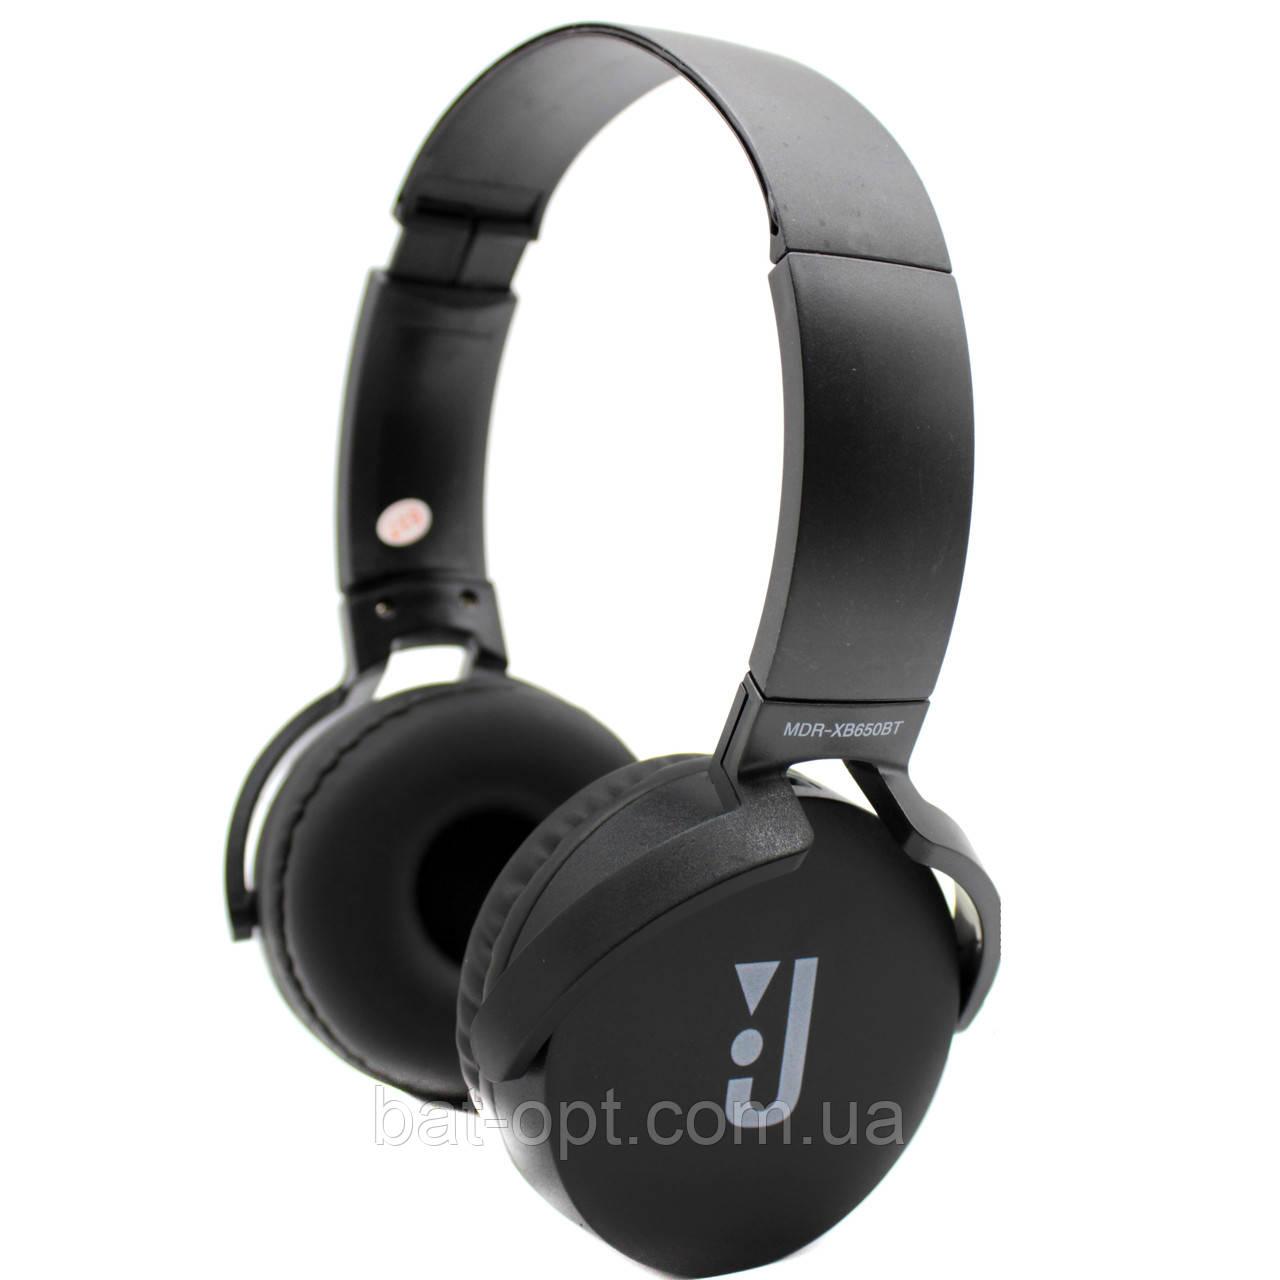 Bluetooth-наушники JBL MDR-XB650BT черные